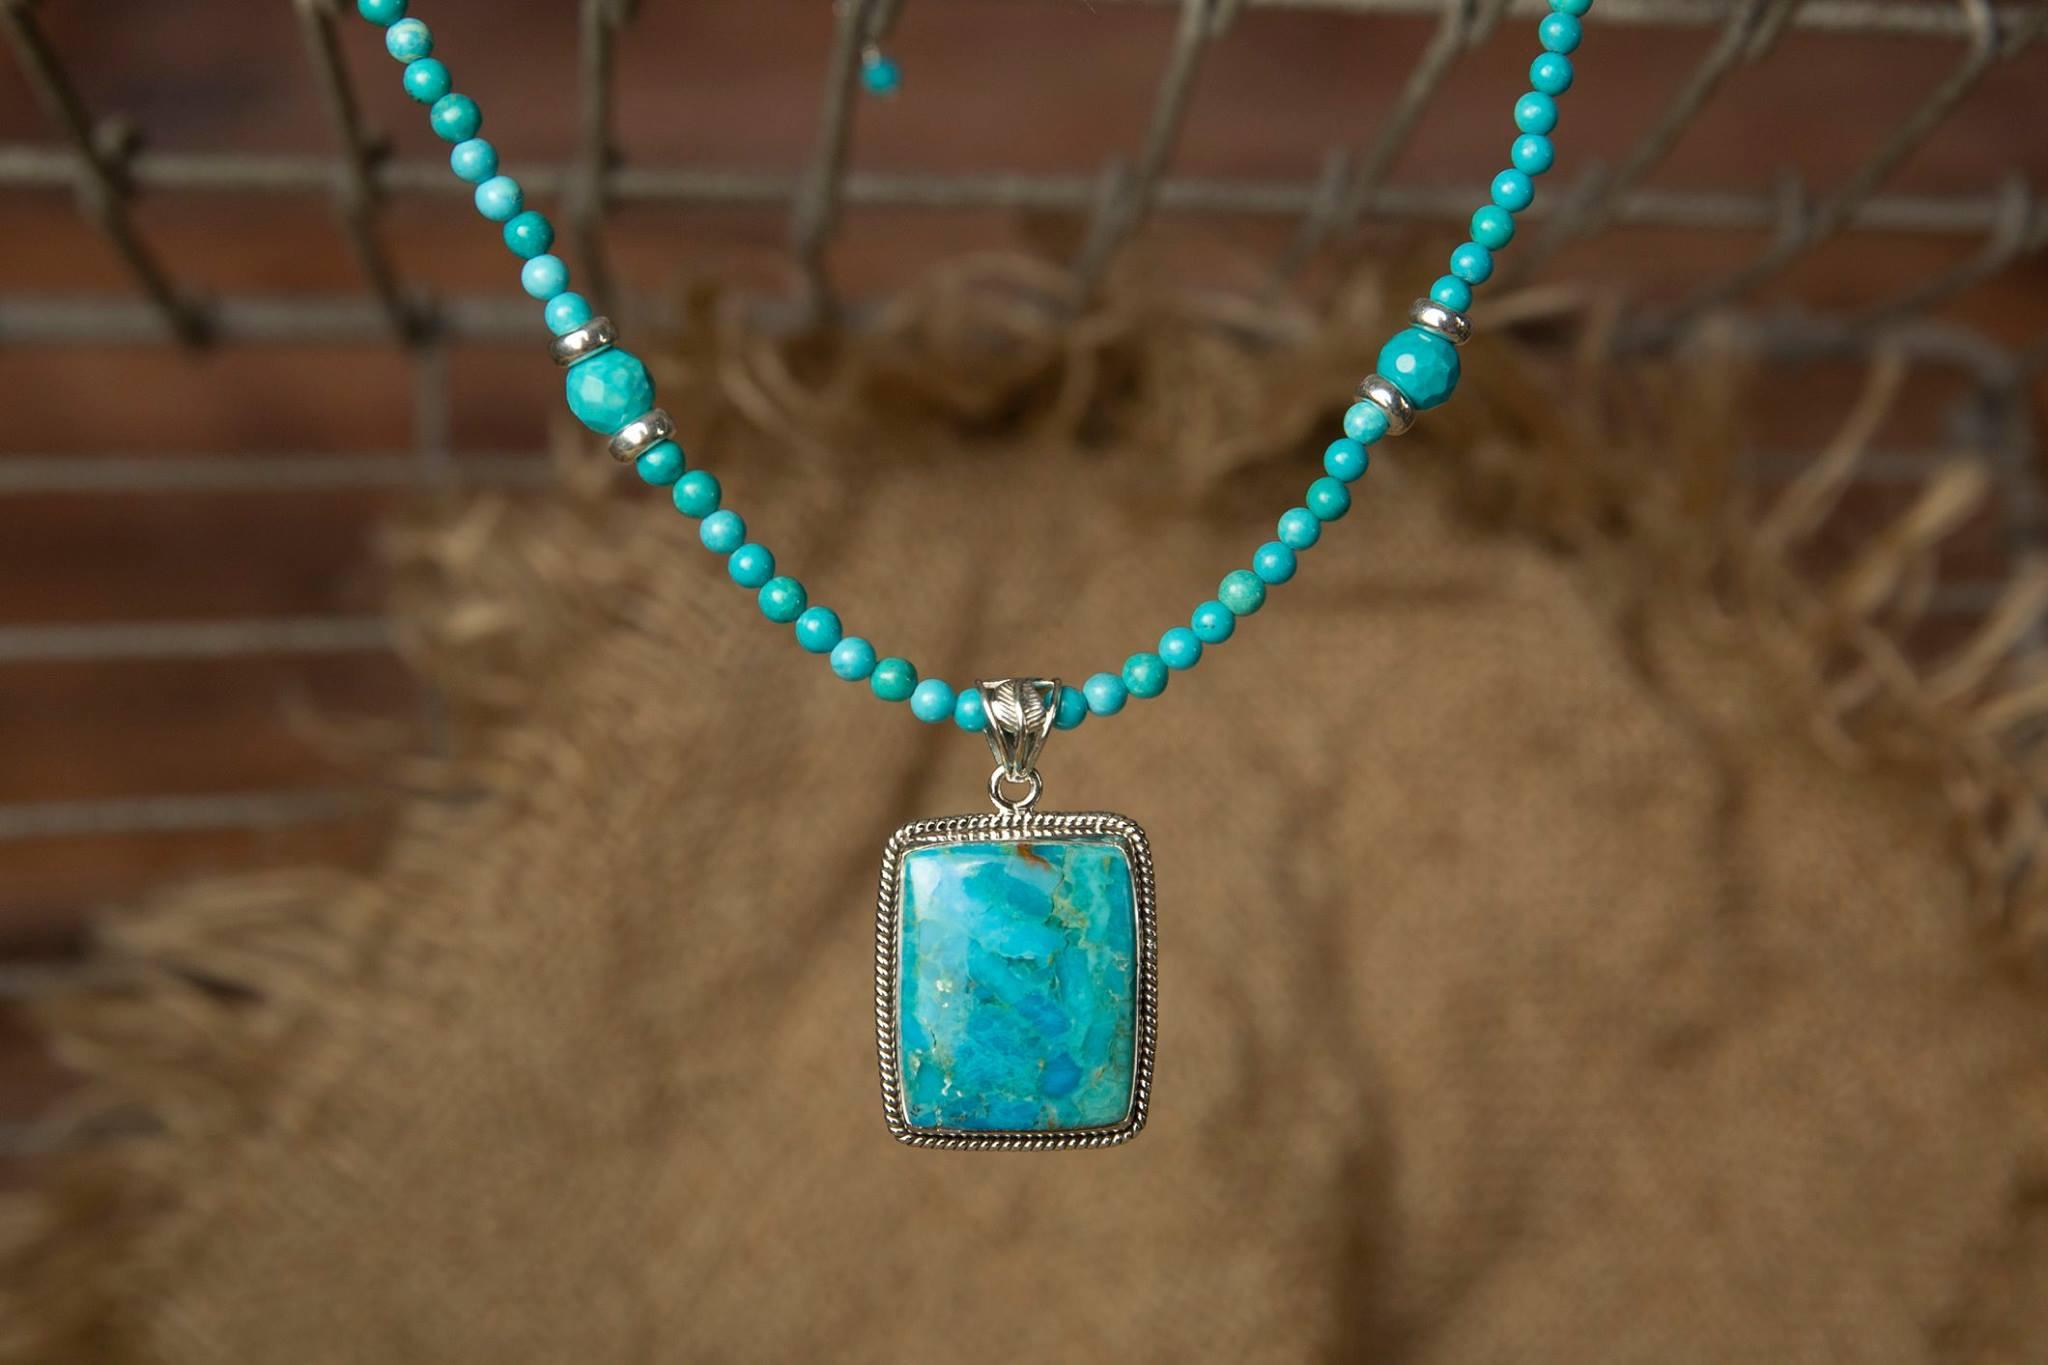 JJ Jewelry Designs